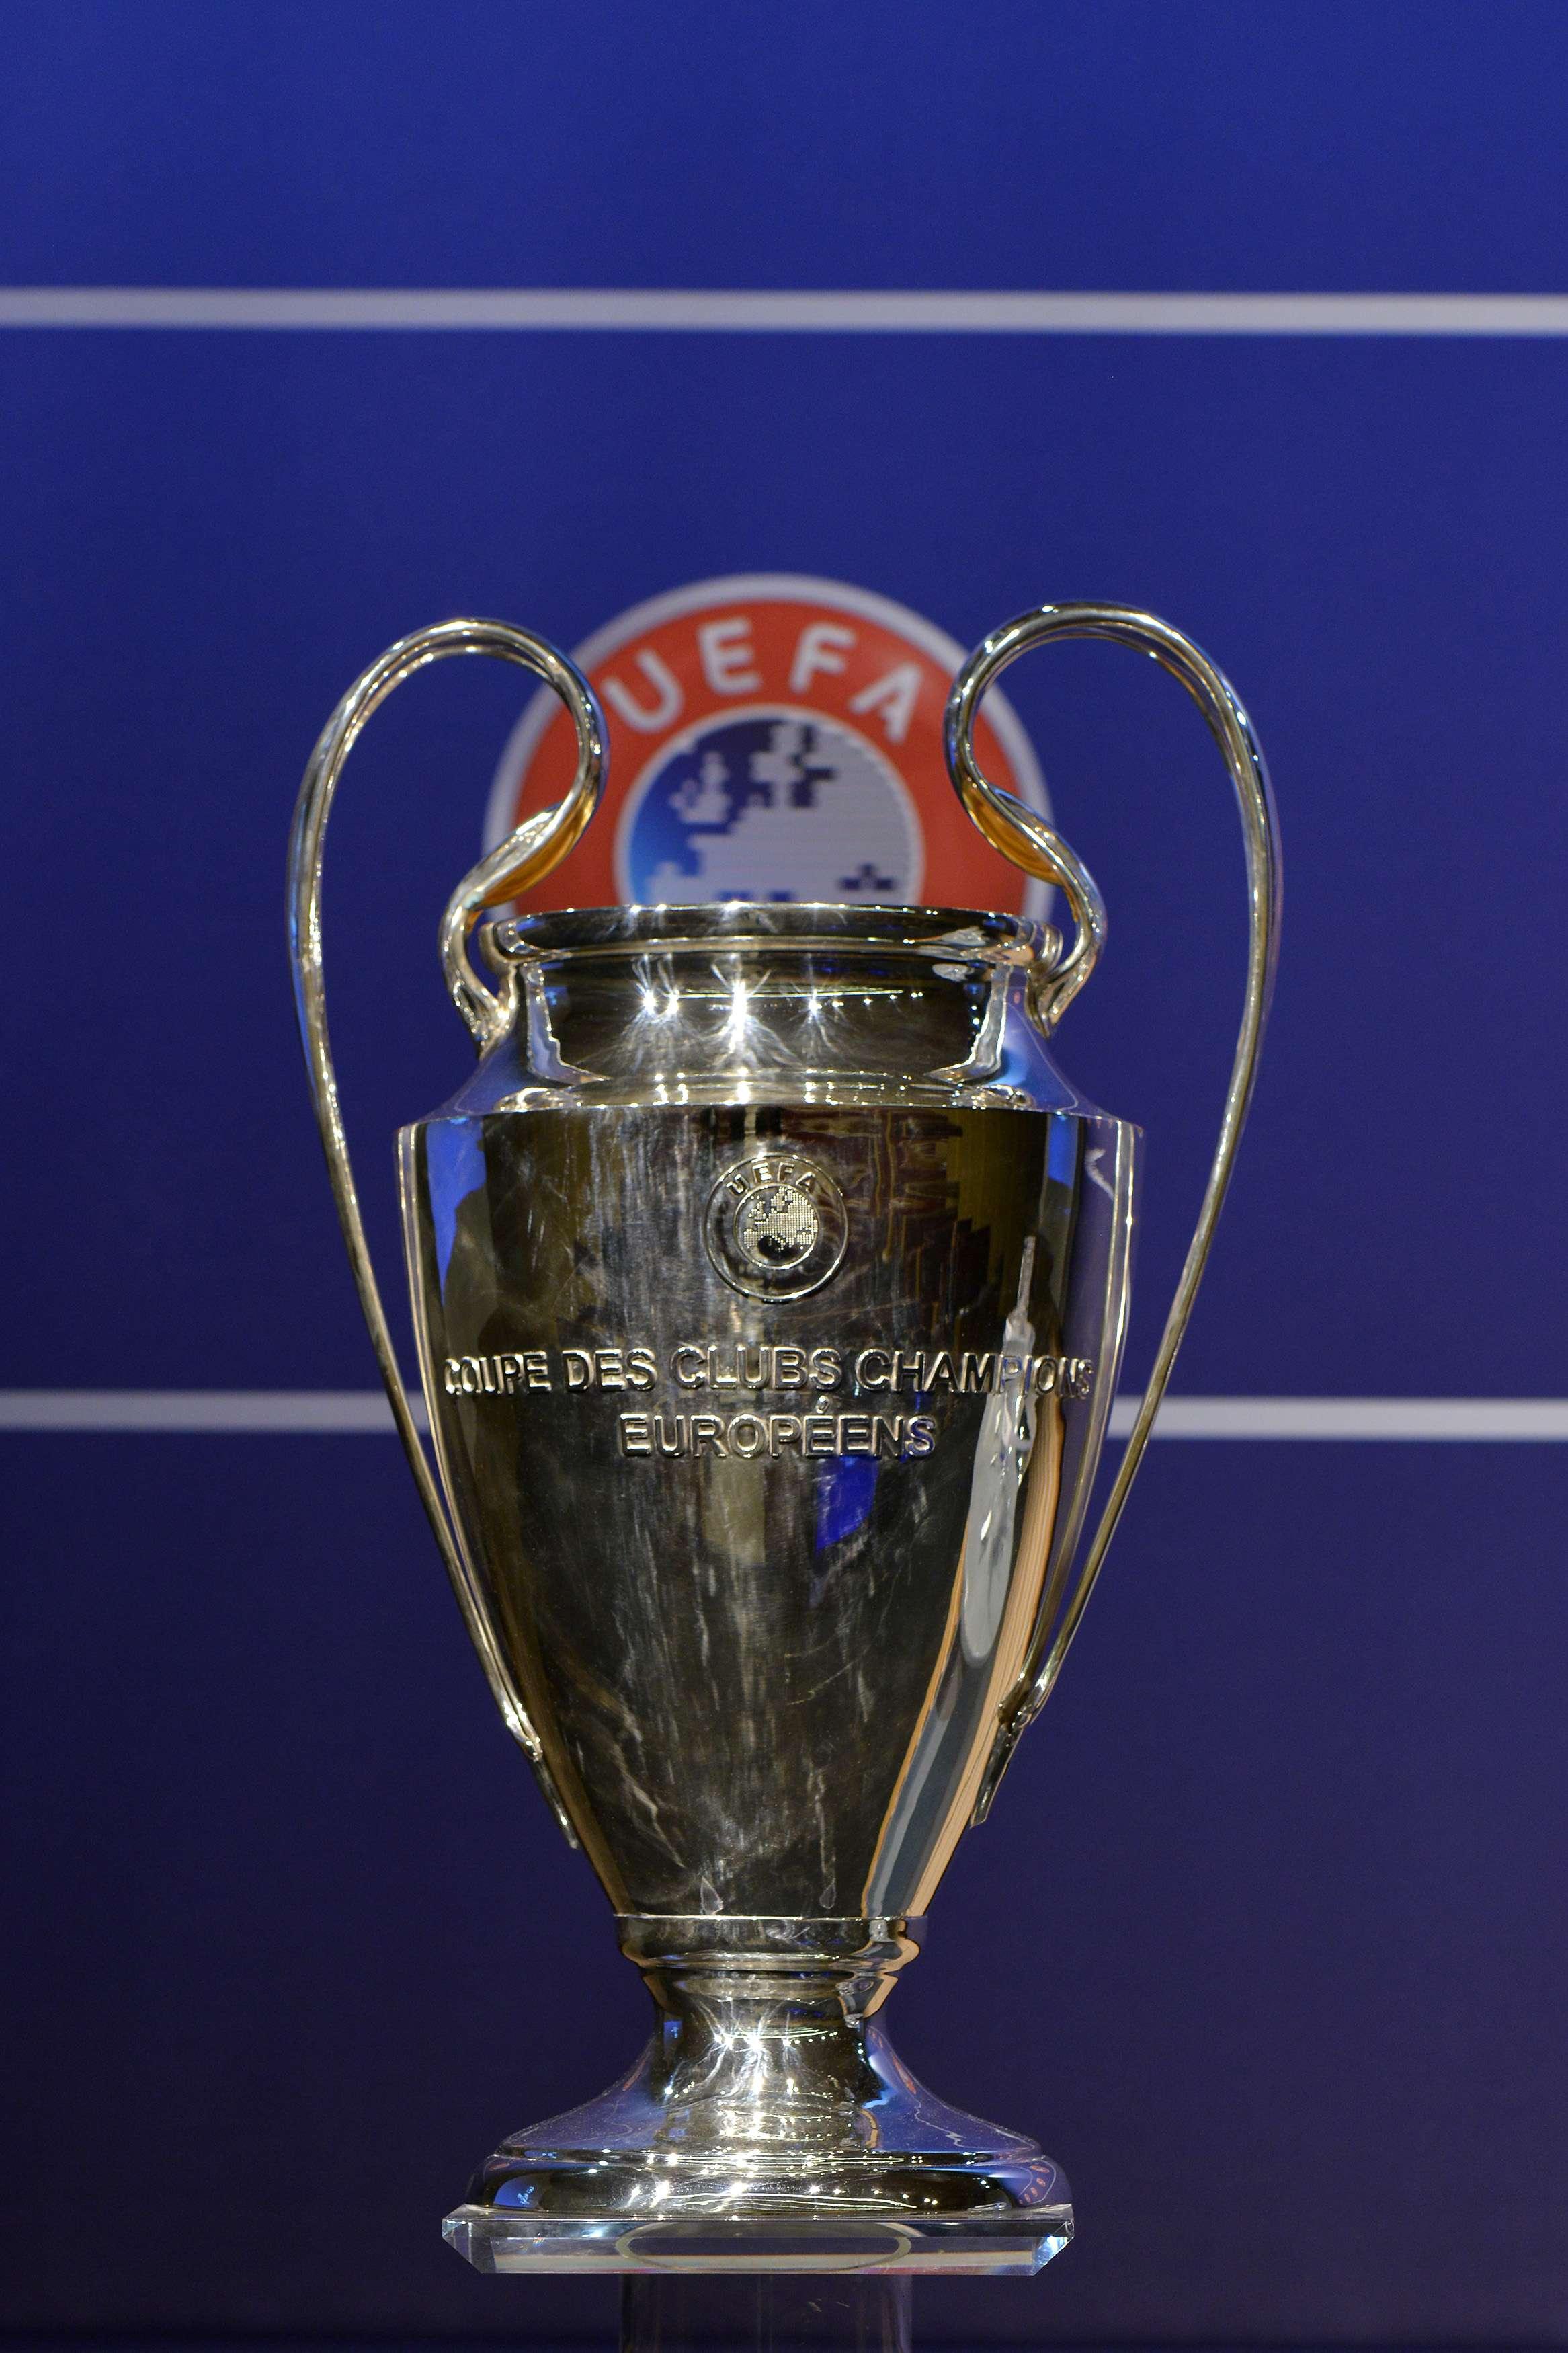 El campeón de la Champions de llevará una millonada. Foto: Getty Images